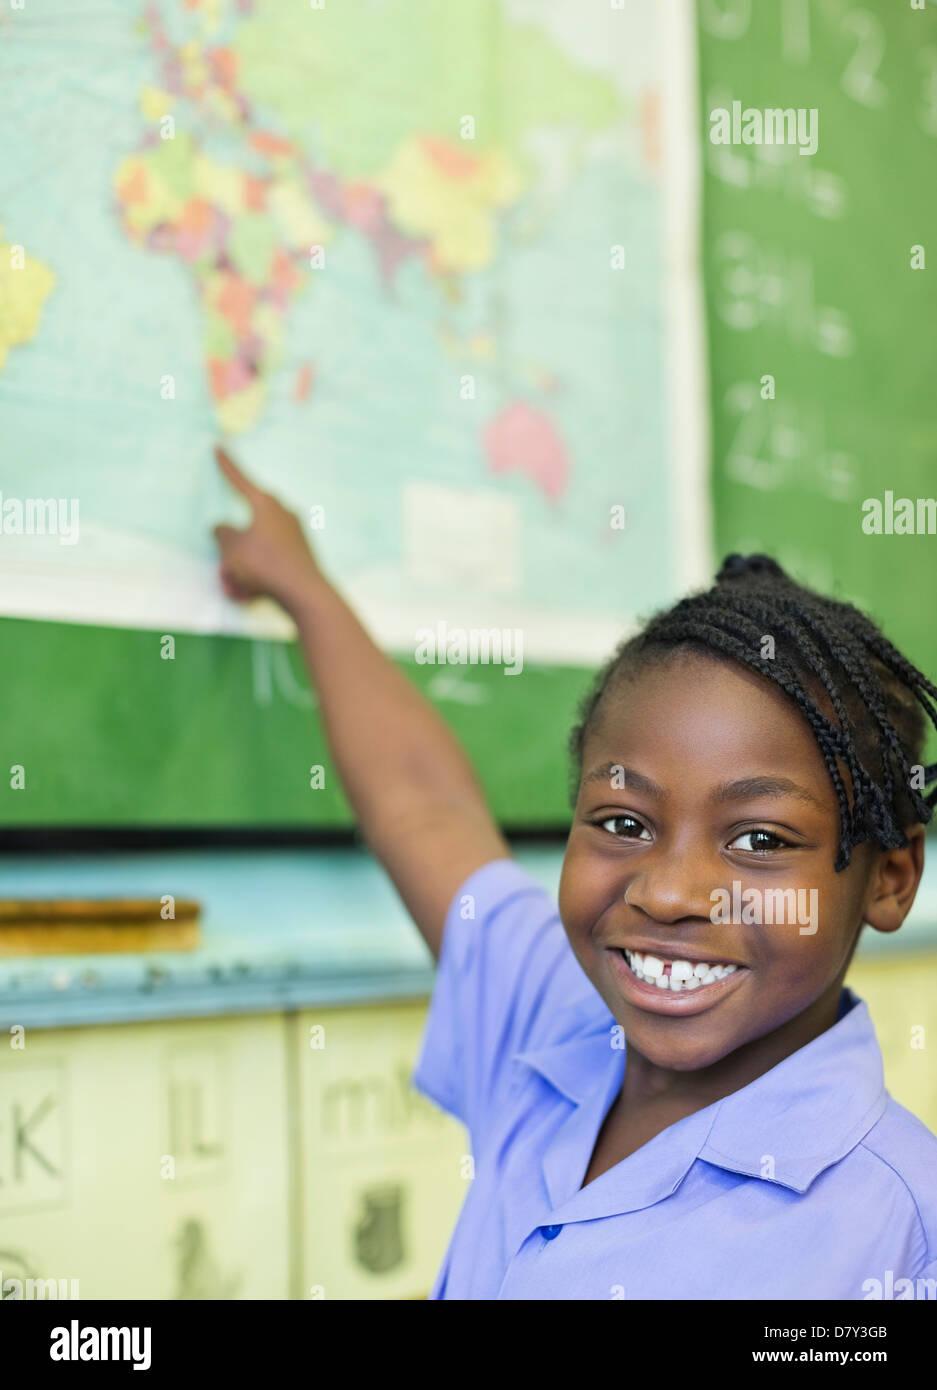 Studente utilizzando la mappa del mondo in classe Immagini Stock